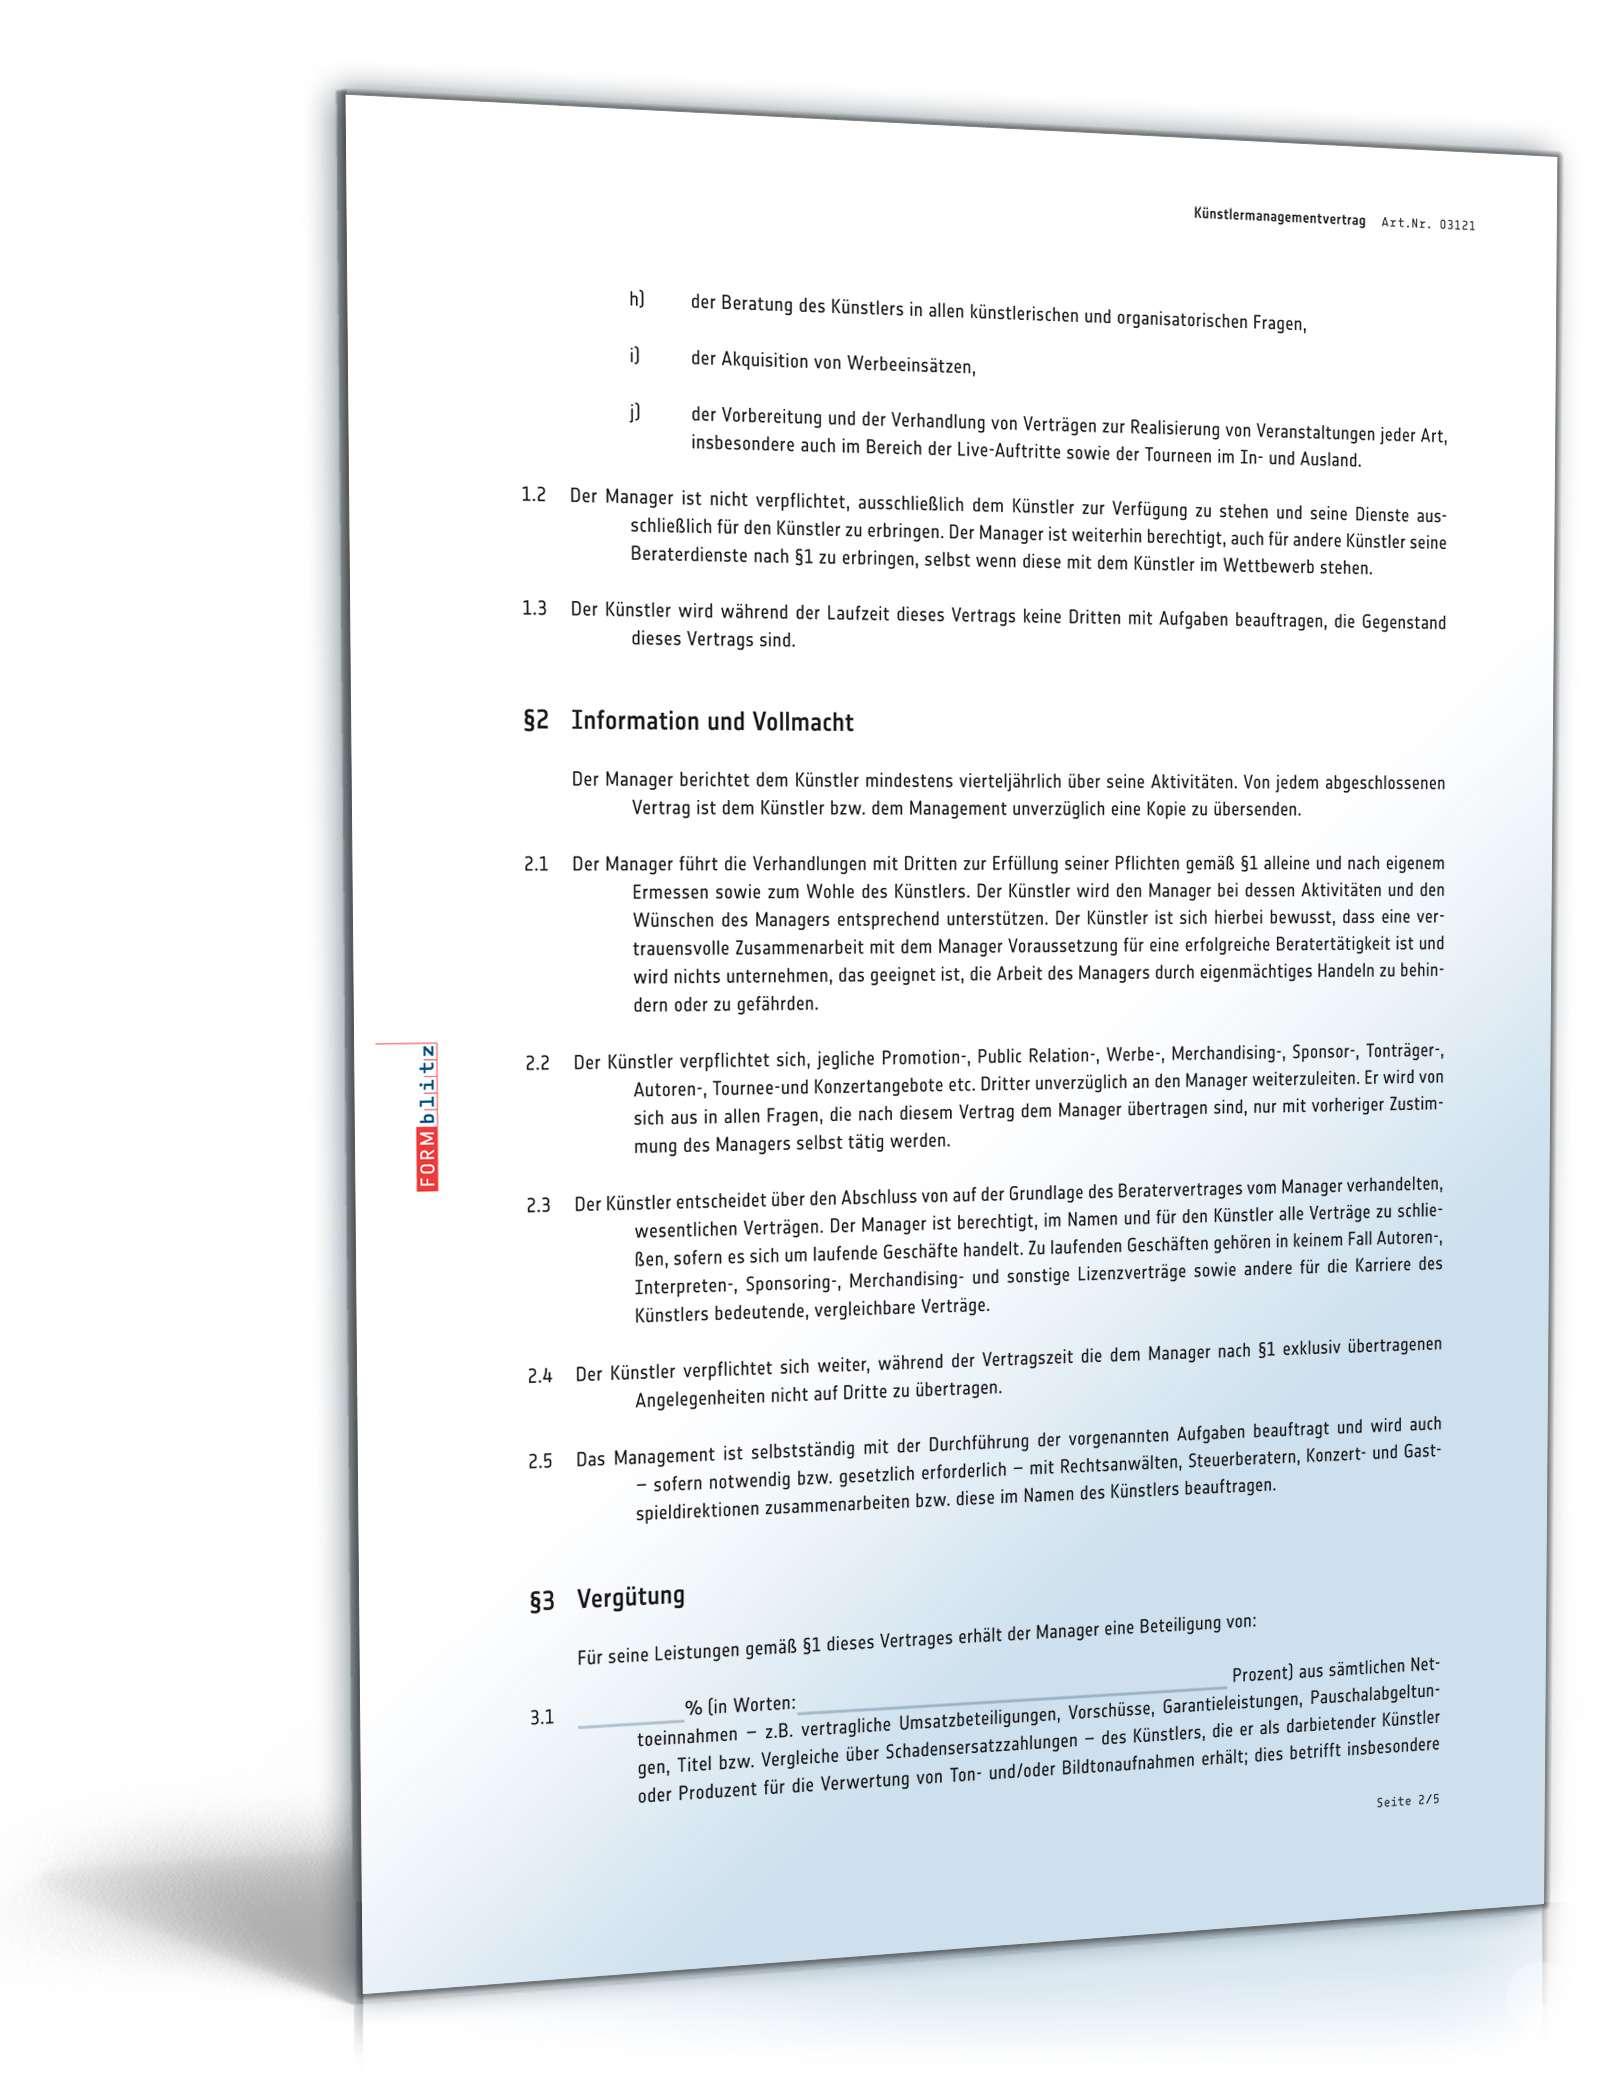 Künstlermanagementvertrag Muster Zum Download